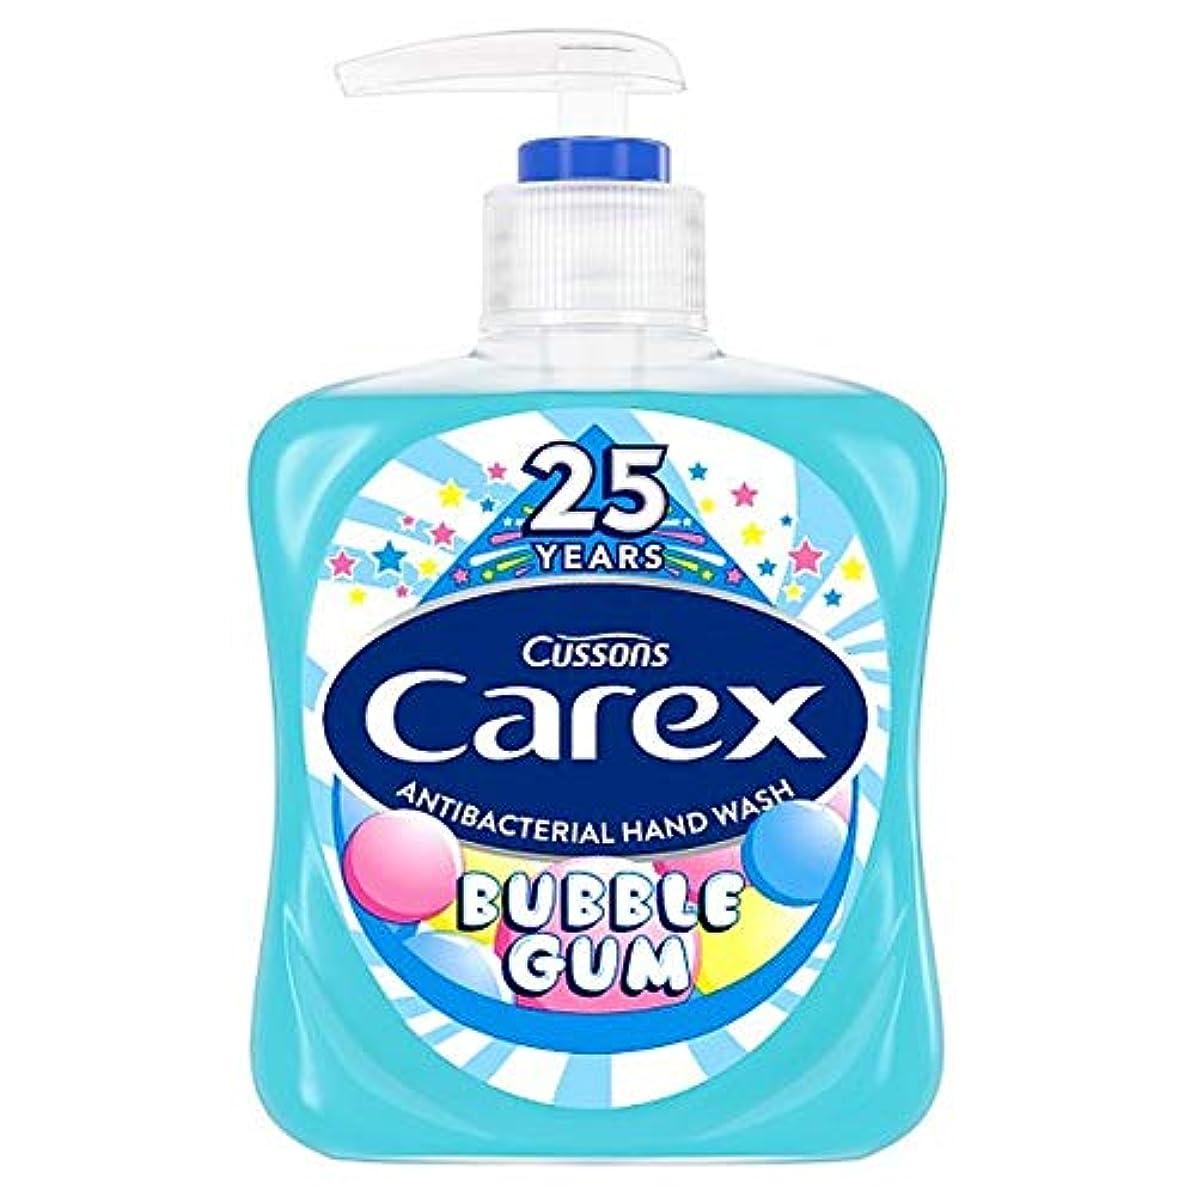 コンピューターを使用する近傍累積[Carex] スゲ子供手洗いバブルガムの250ミリリットル - Carex Kids Handwash Bubblegum 250Ml [並行輸入品]